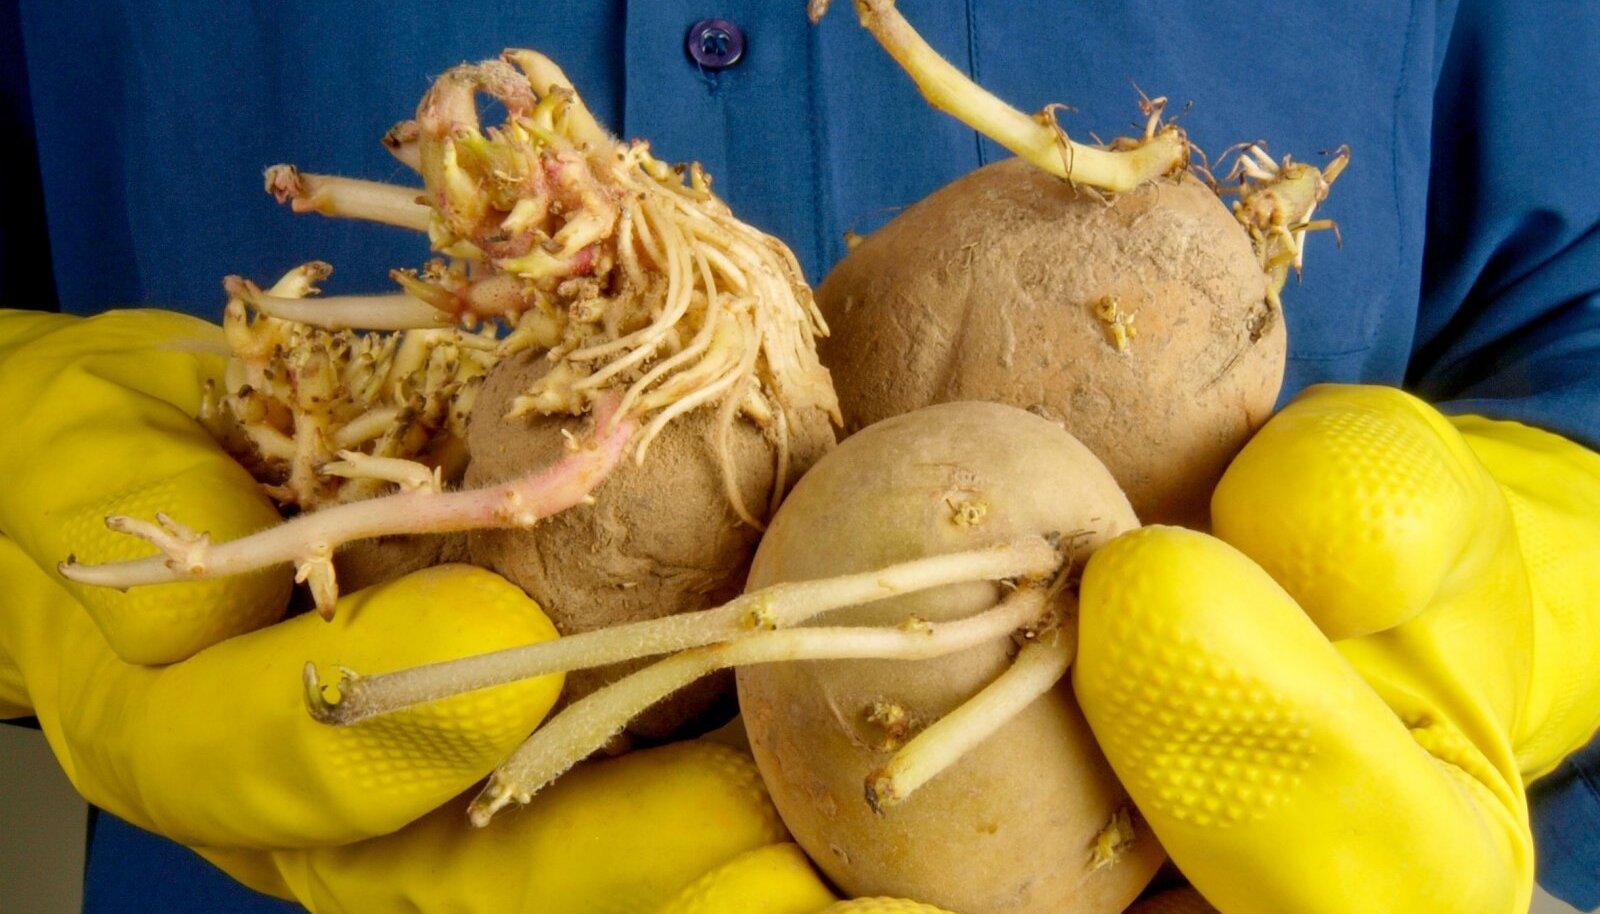 Kas idandid külge kasvatanud kartulit sünnib süüa?